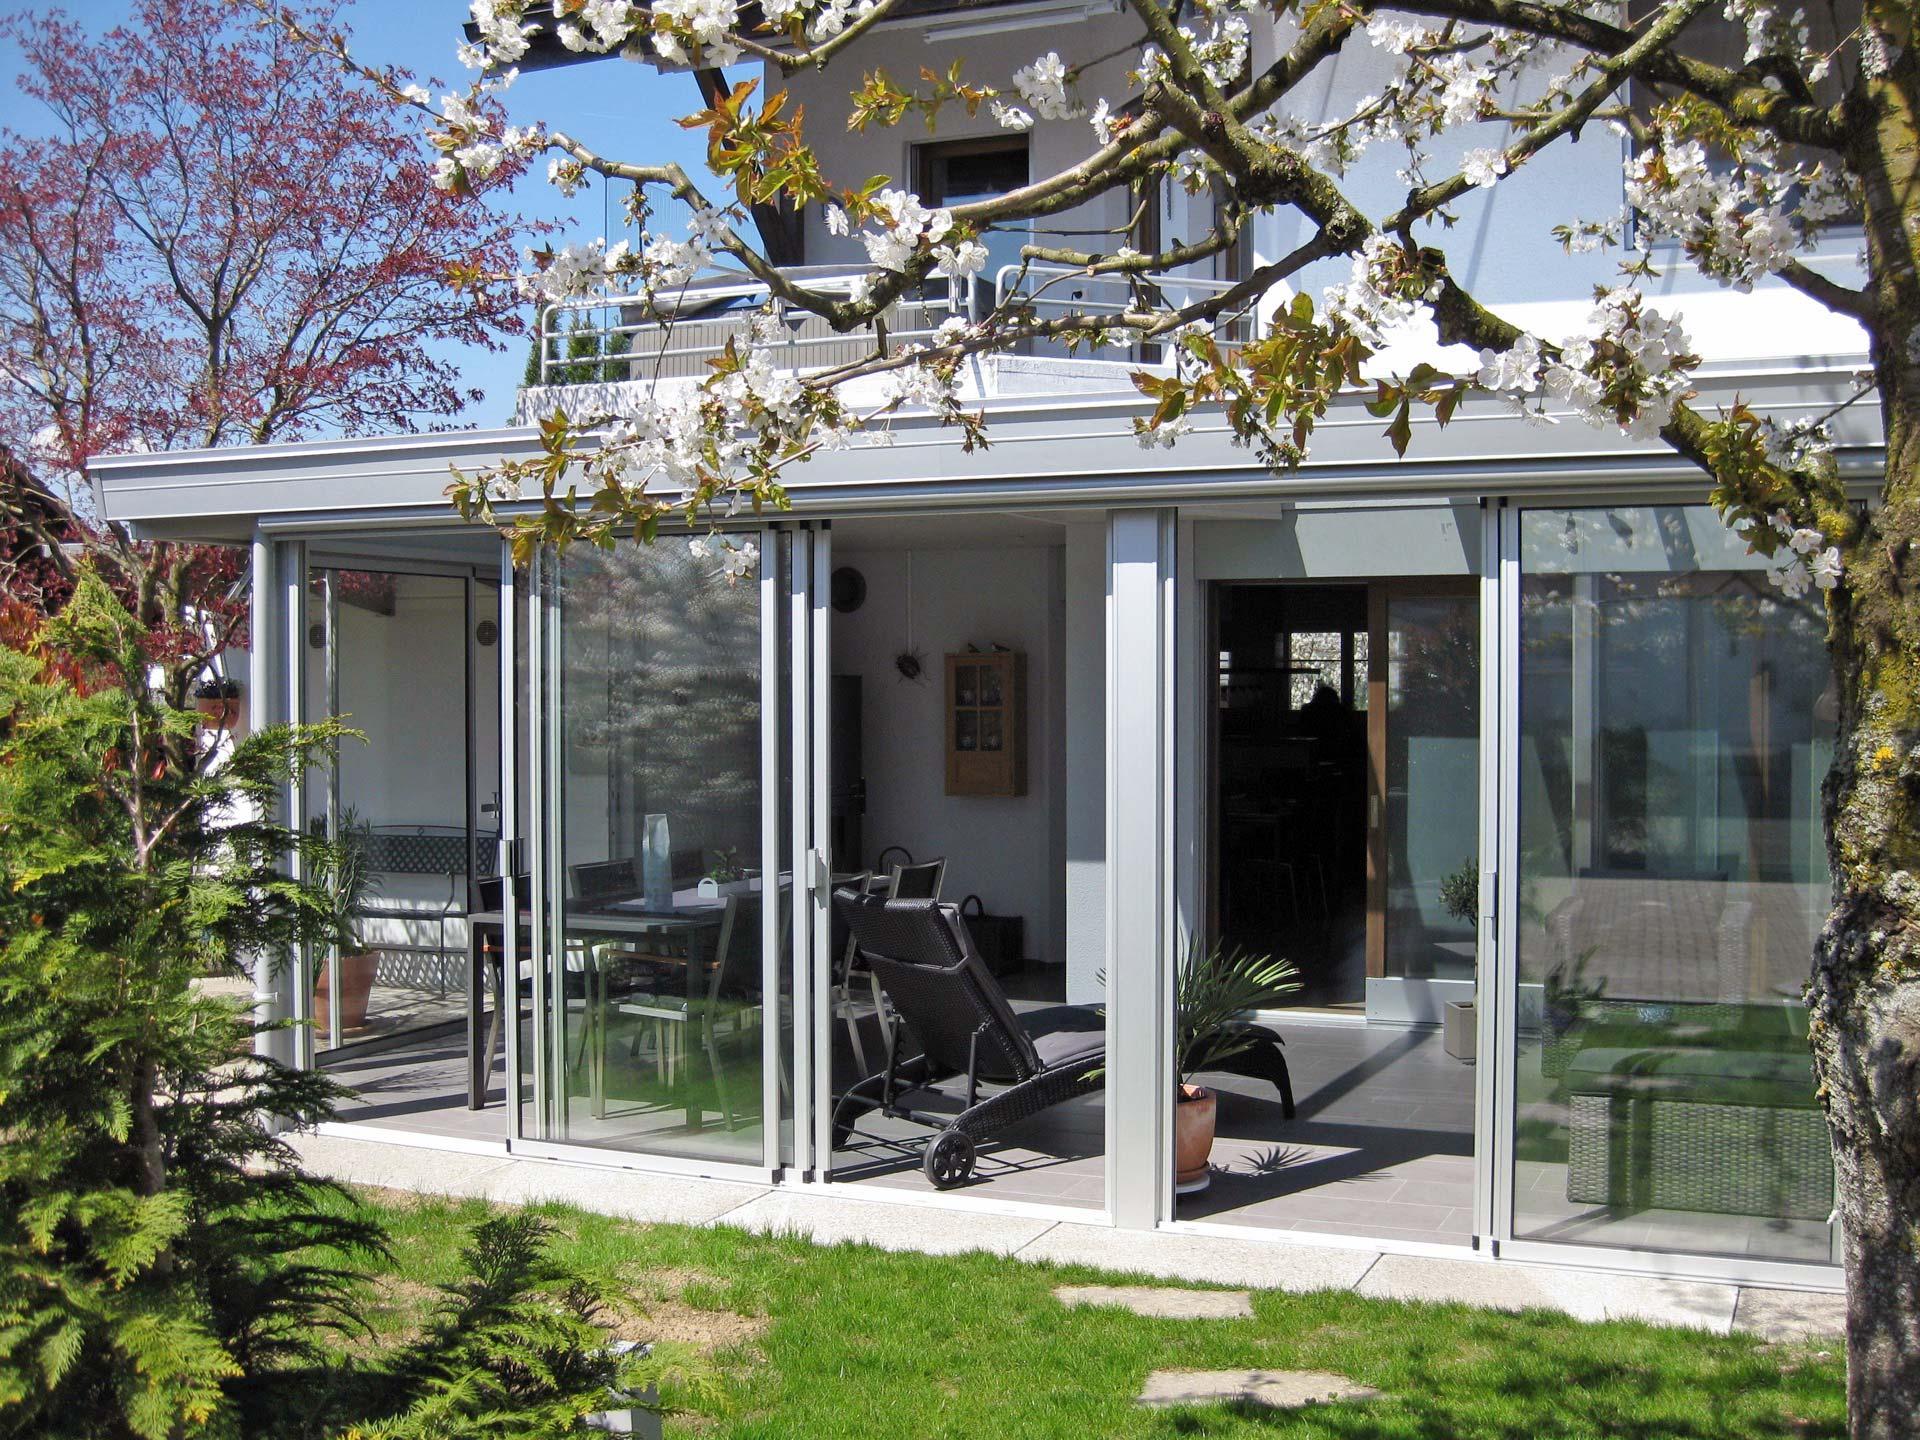 Wigasol Mein Wintergarten Aluwet Innen Heimeliges Holz Aussen Aluminium